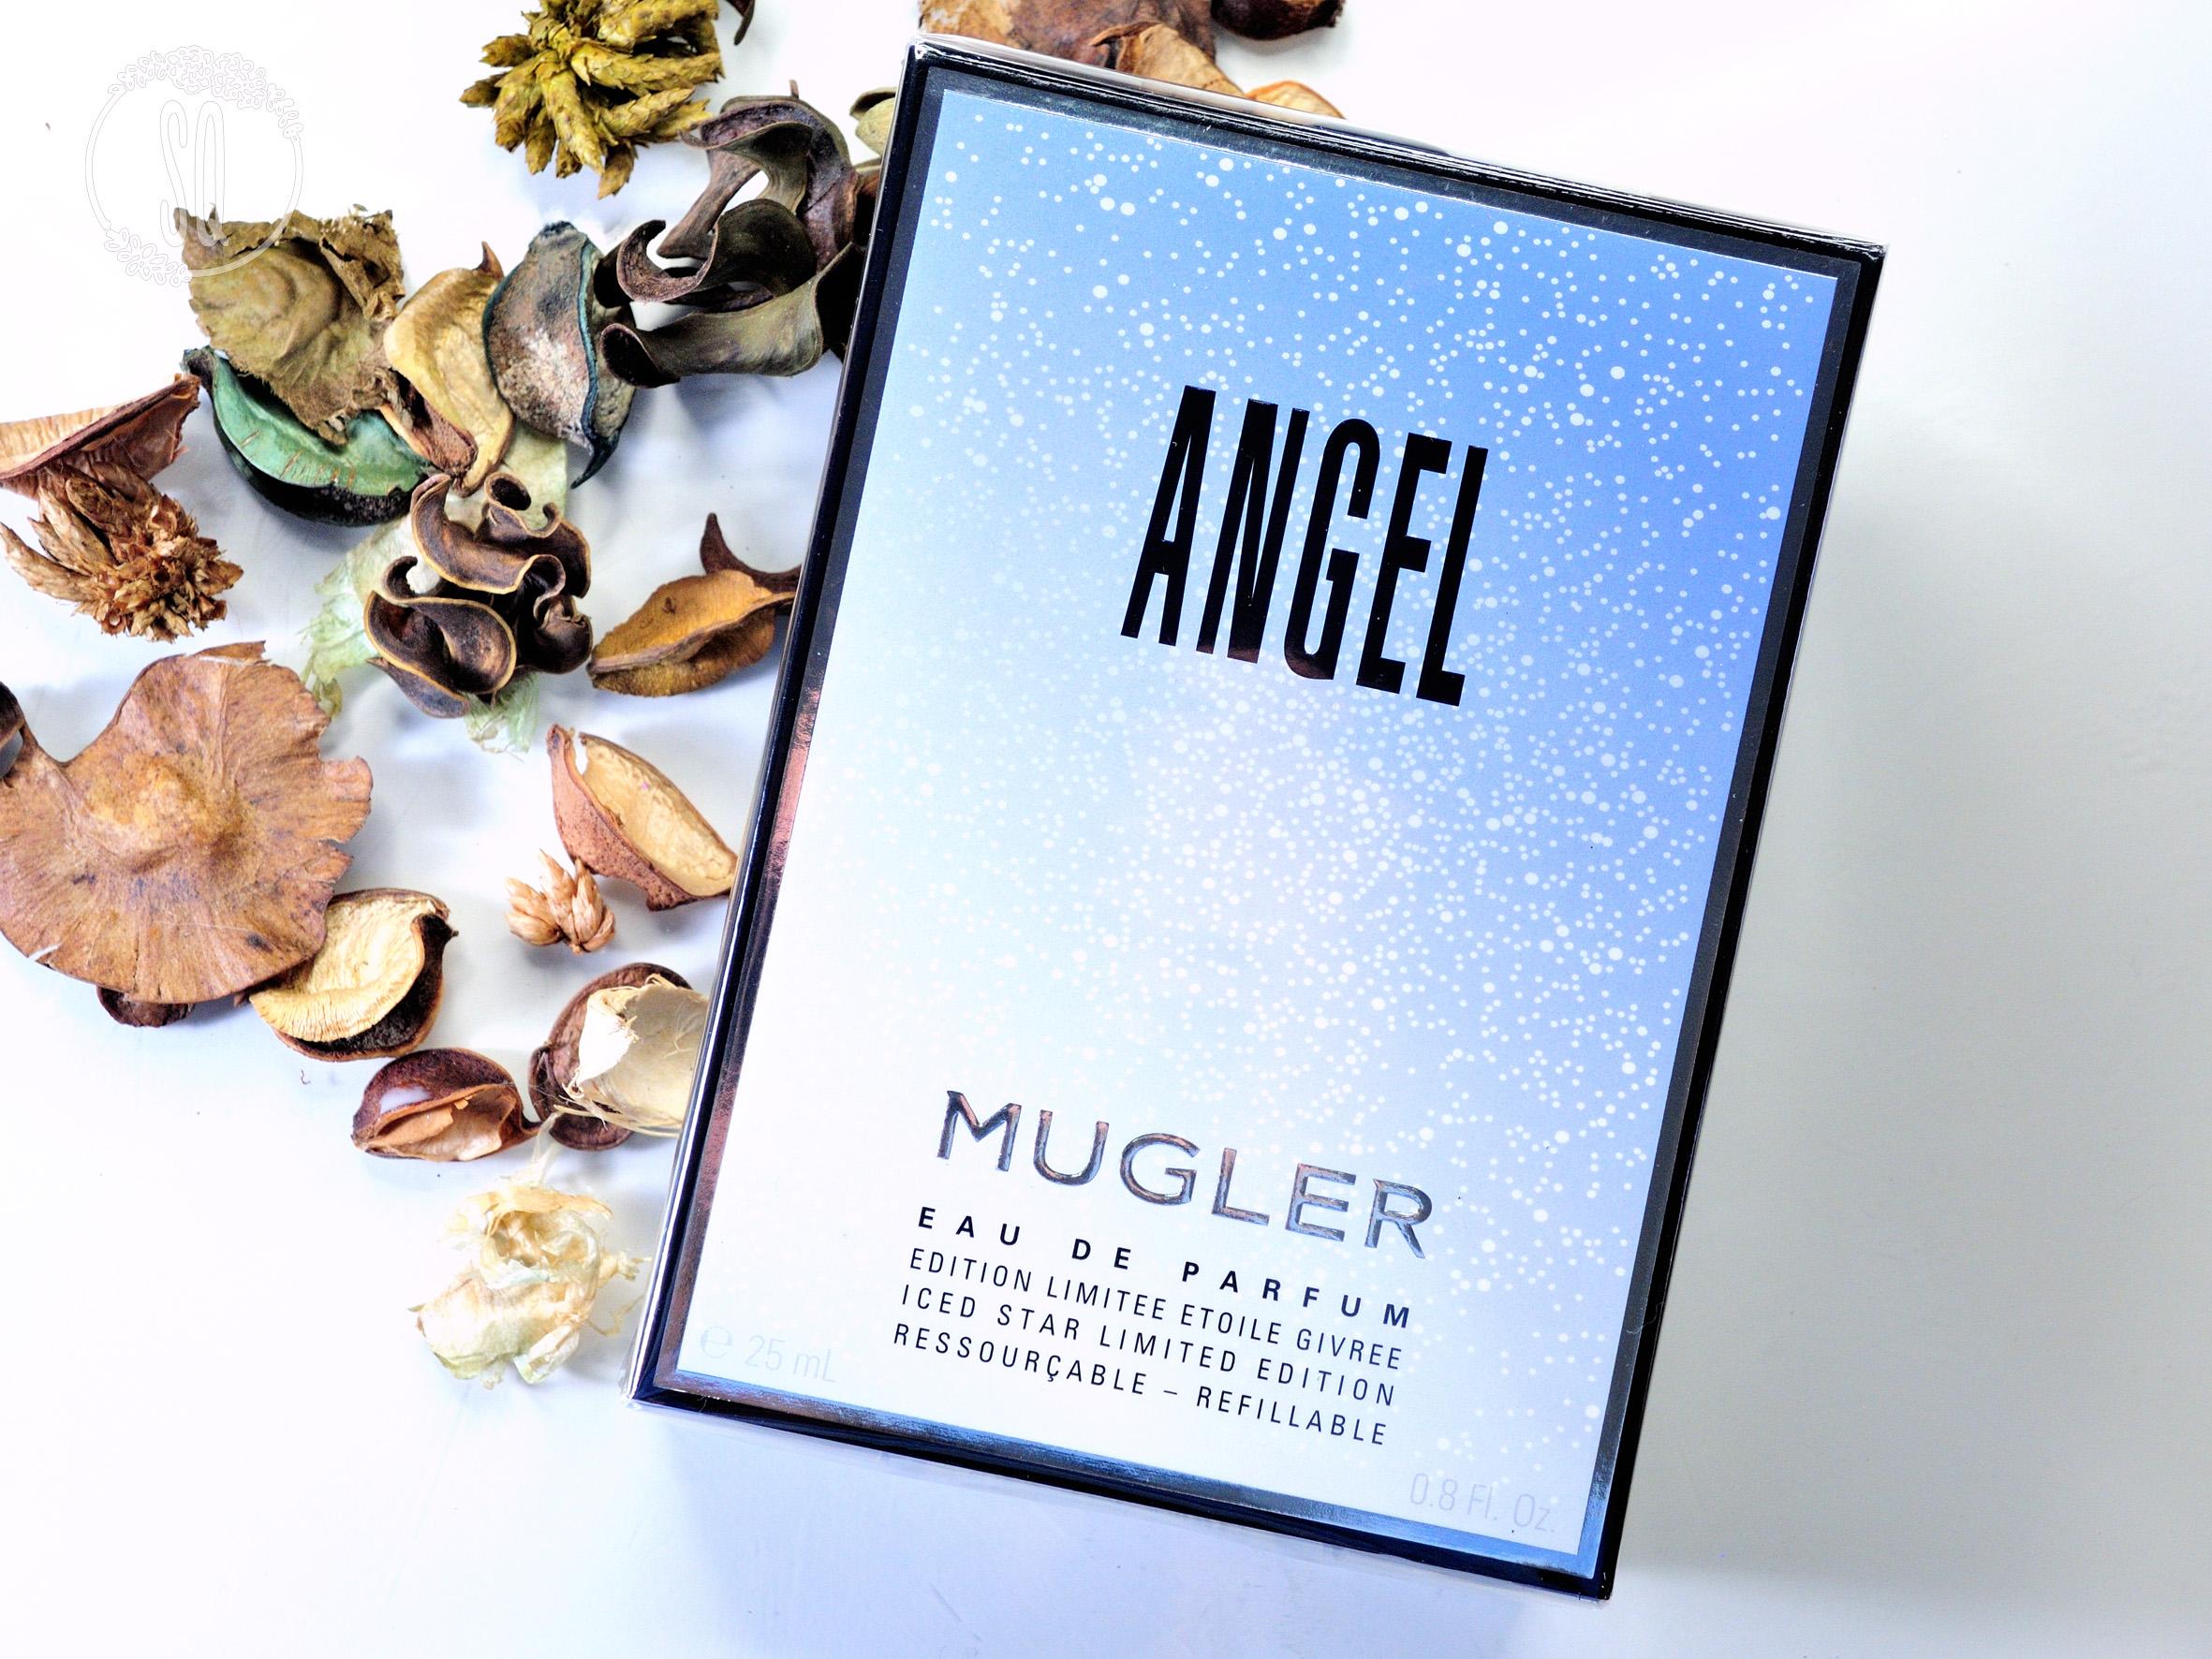 Edición limitada Iced Star de Angel de Mugler